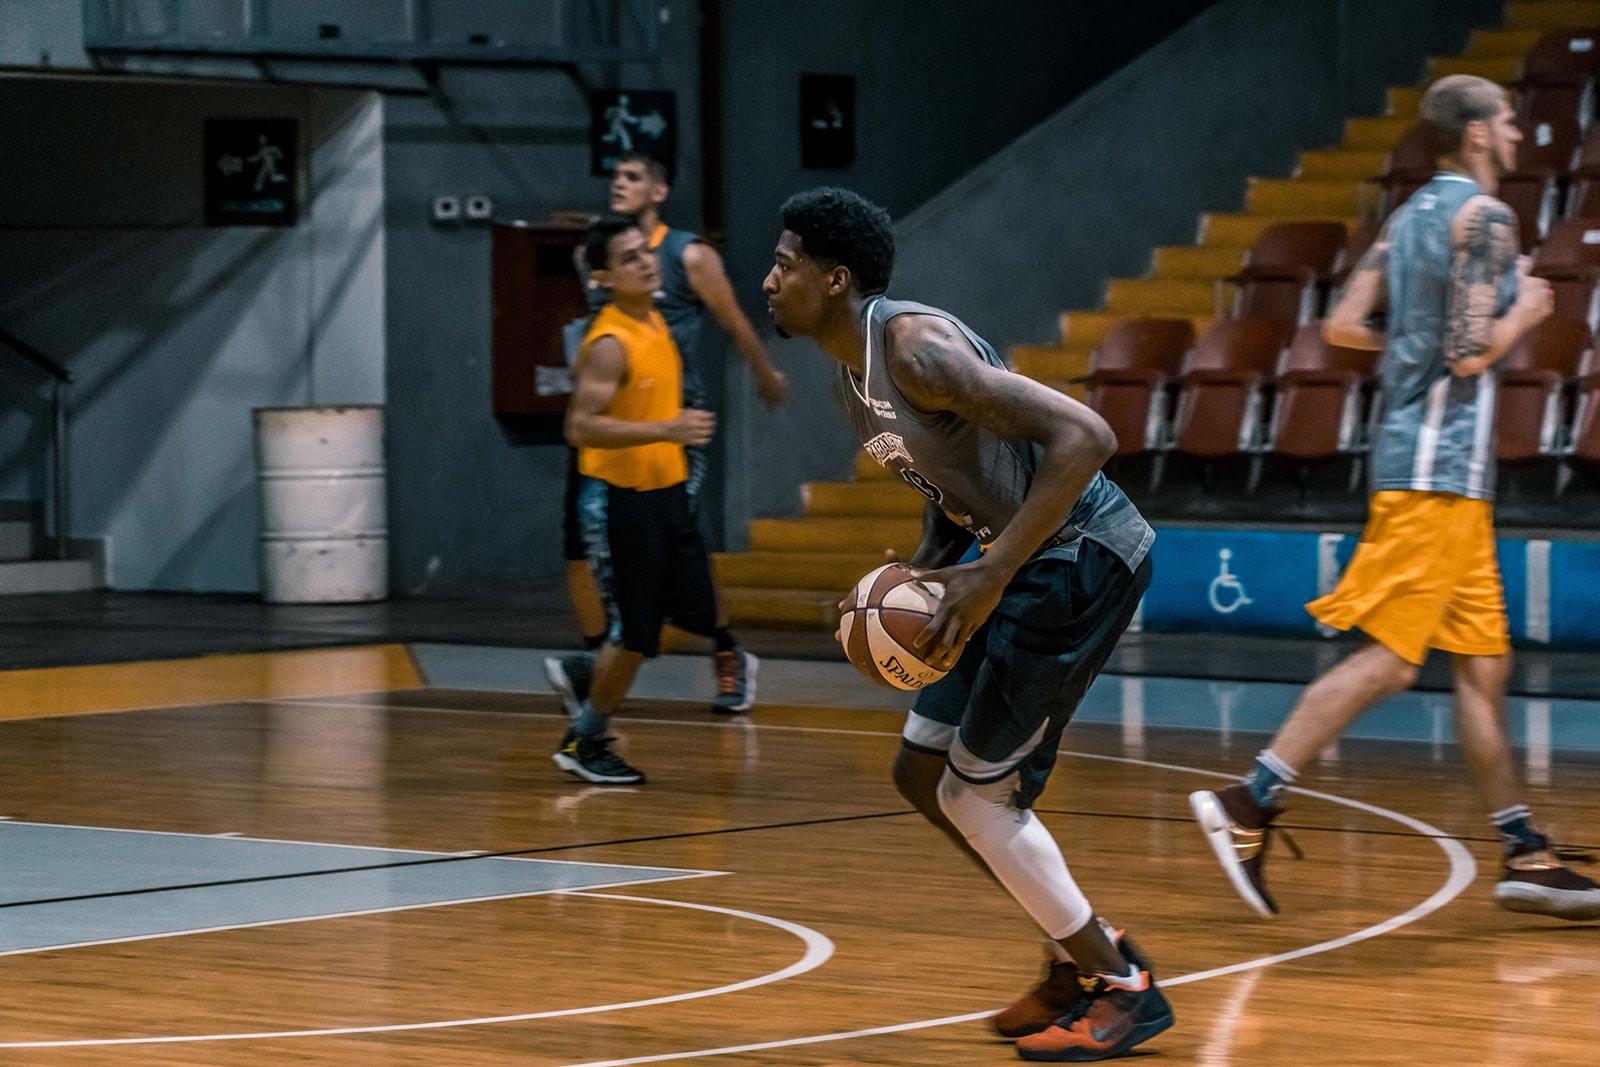 שחקני כדורסל צעירים